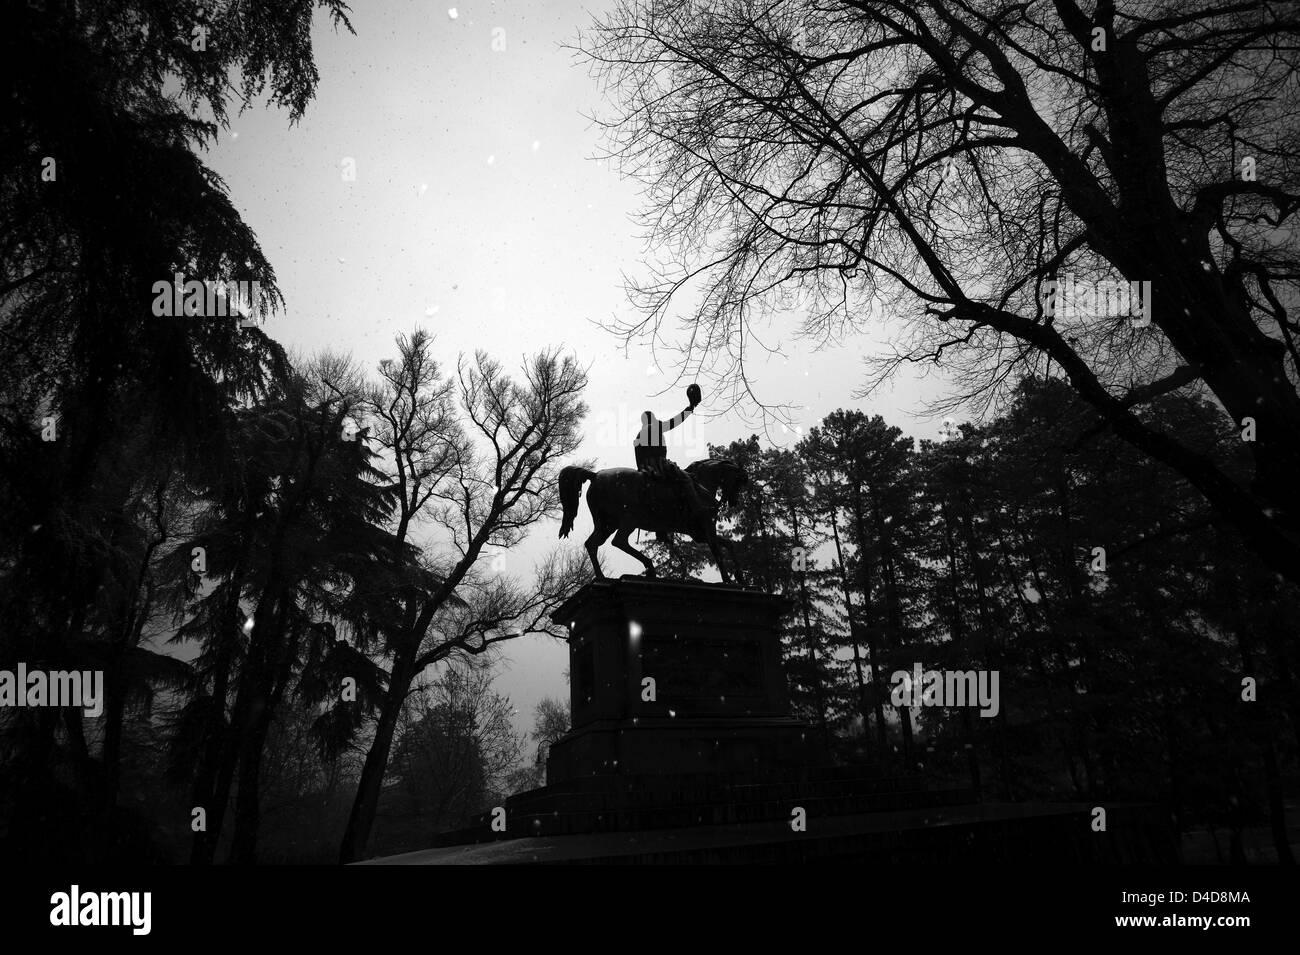 Milano. Parco Sempione. Statua di un uomo a cavallo Immagini Stock